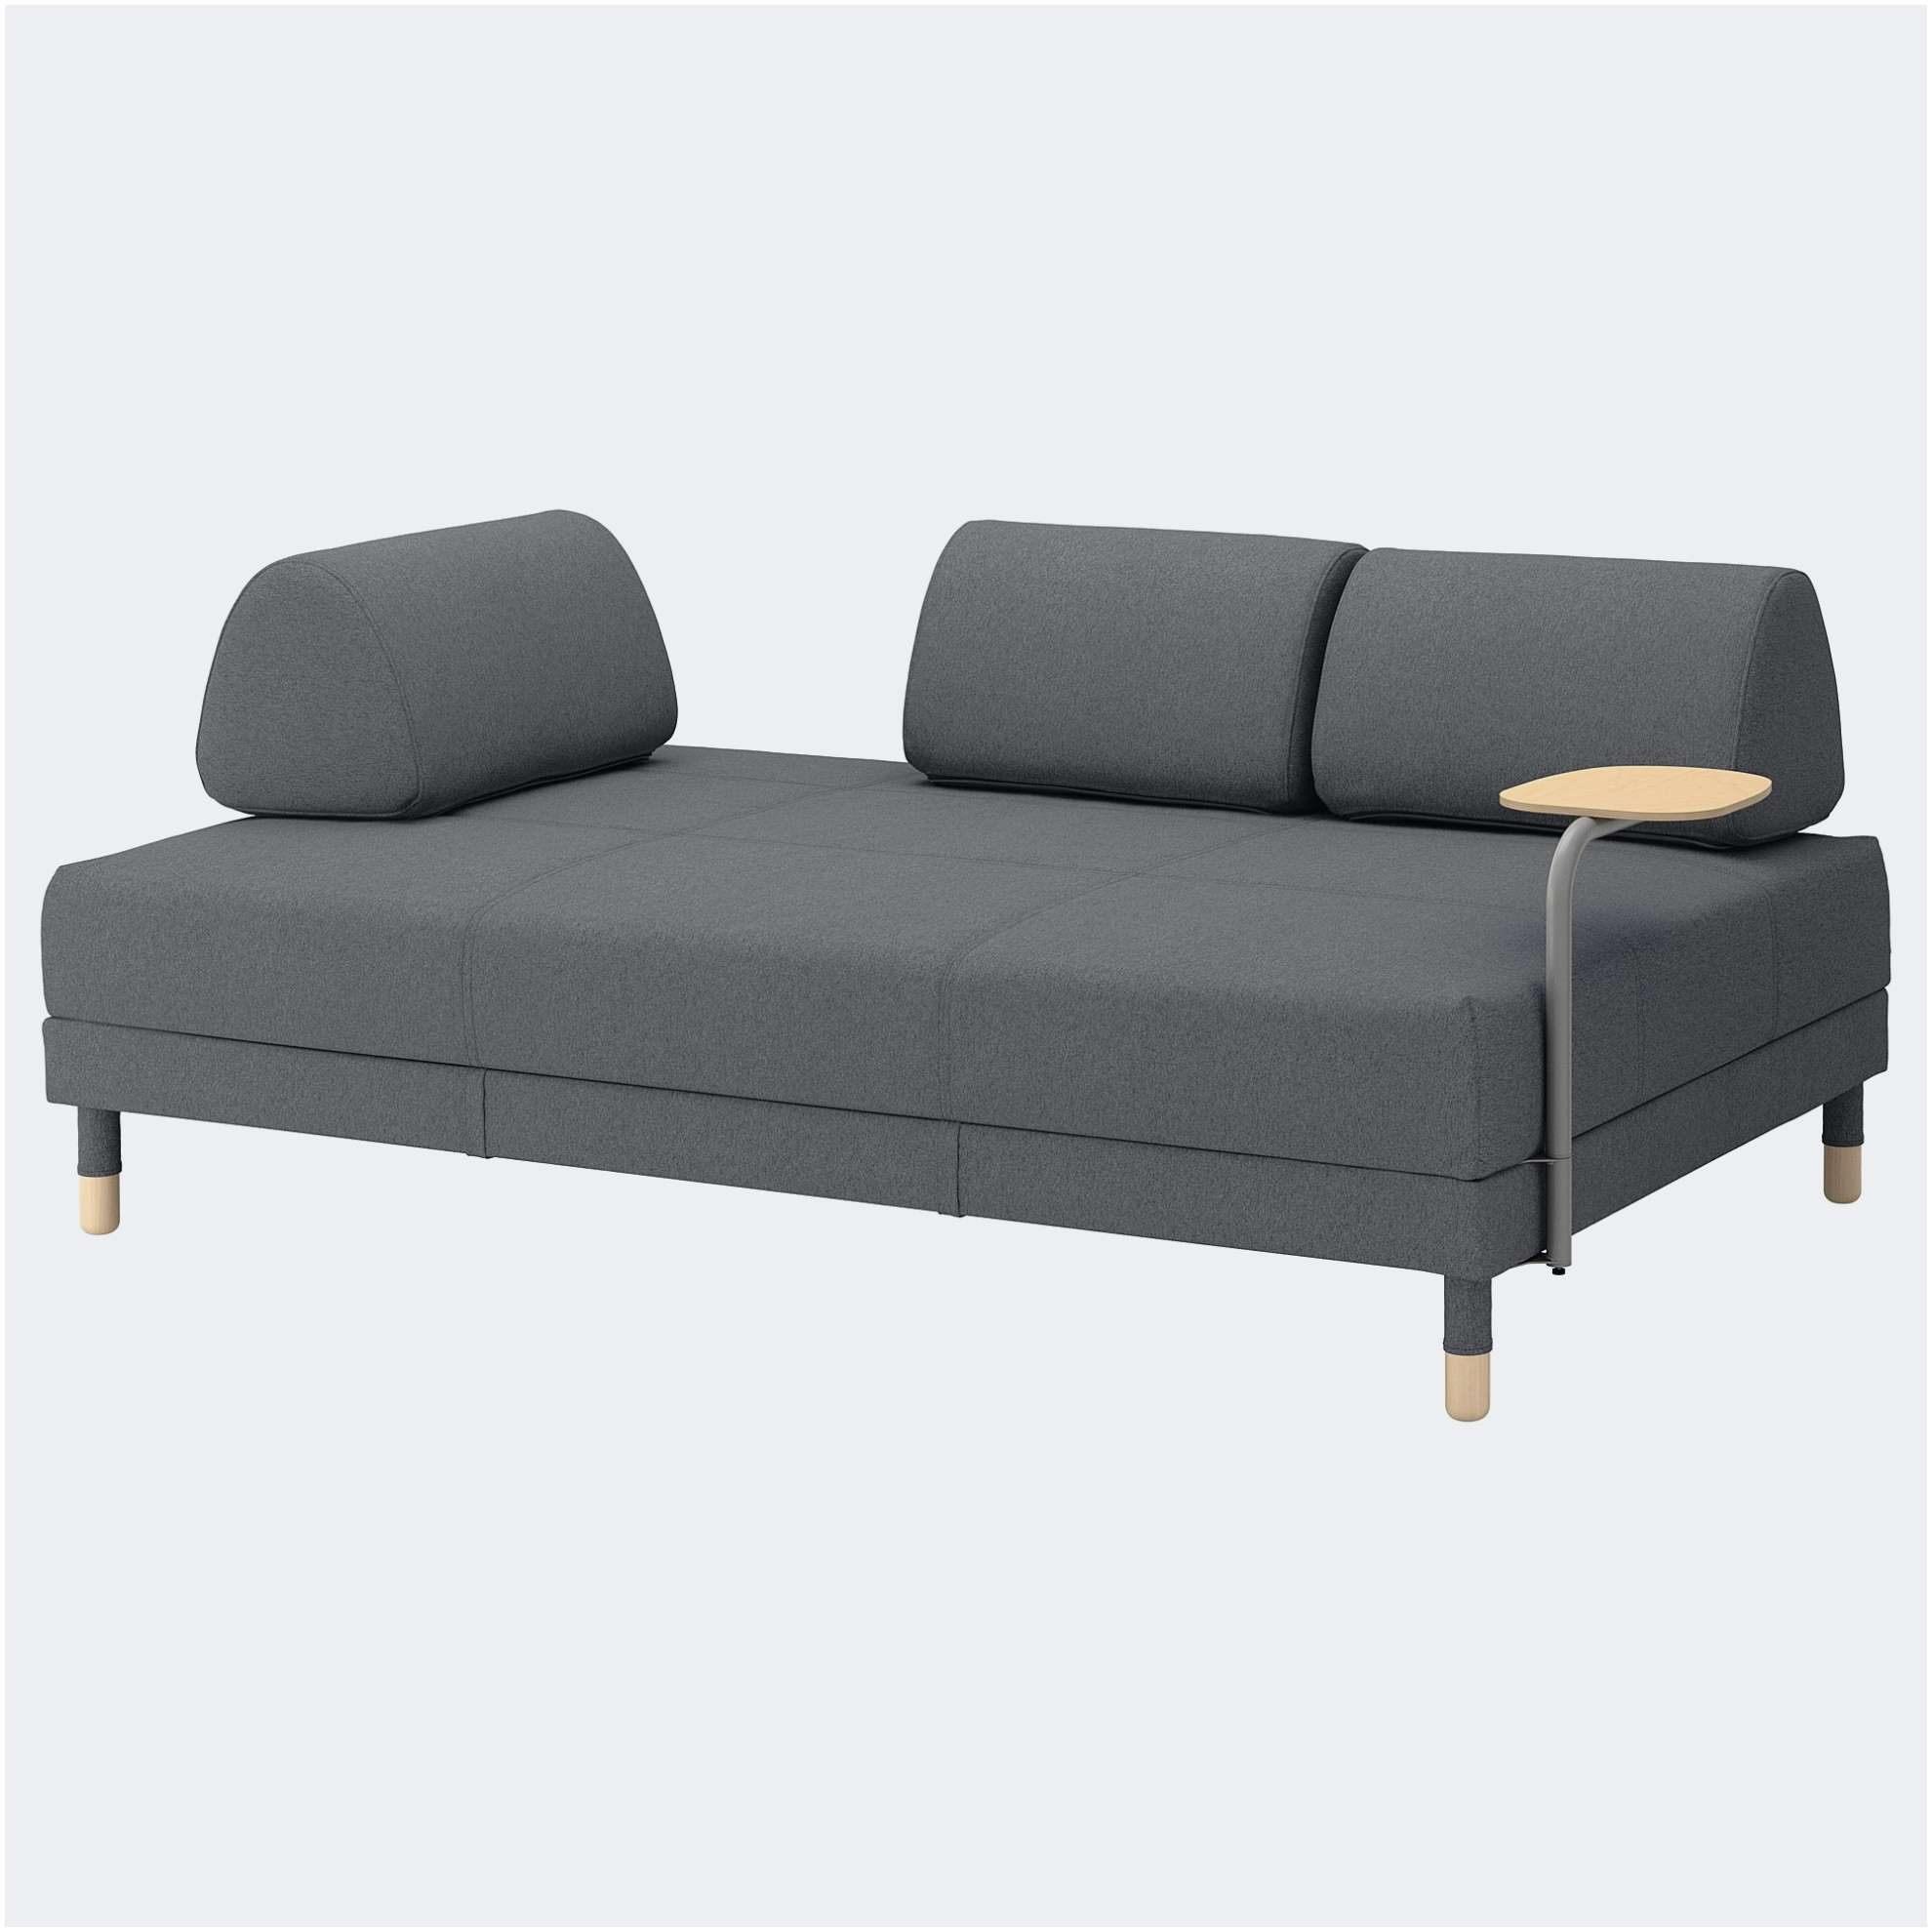 Canapé Lit Ikea Douce Luxe Le Meilleur De Avec Superbe Canapé Lit Convertible Pour Votre